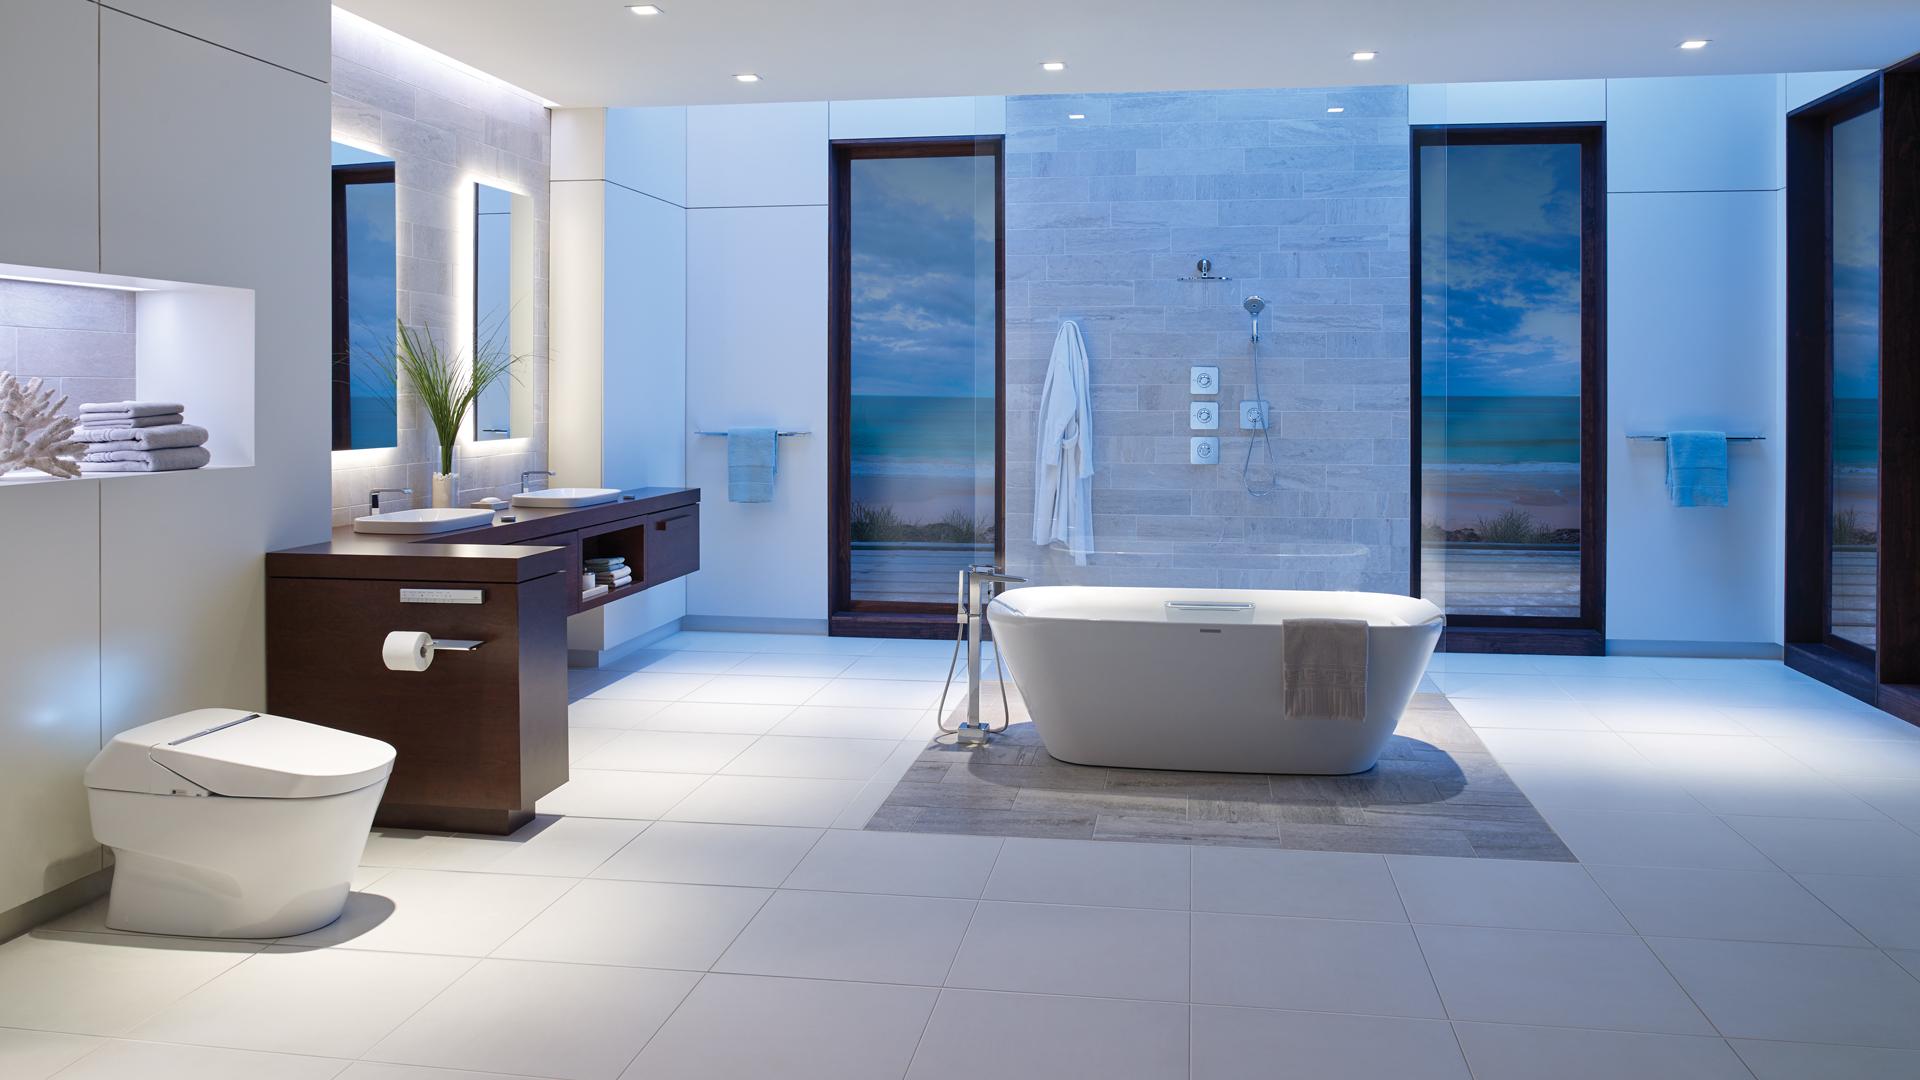 Chúng ta cũng biết rằng nhà vệ sinh là nơi ẩn nấp của vô vàng vi khuẩn và tồn đọng mùi hôi từ những chất bẩn